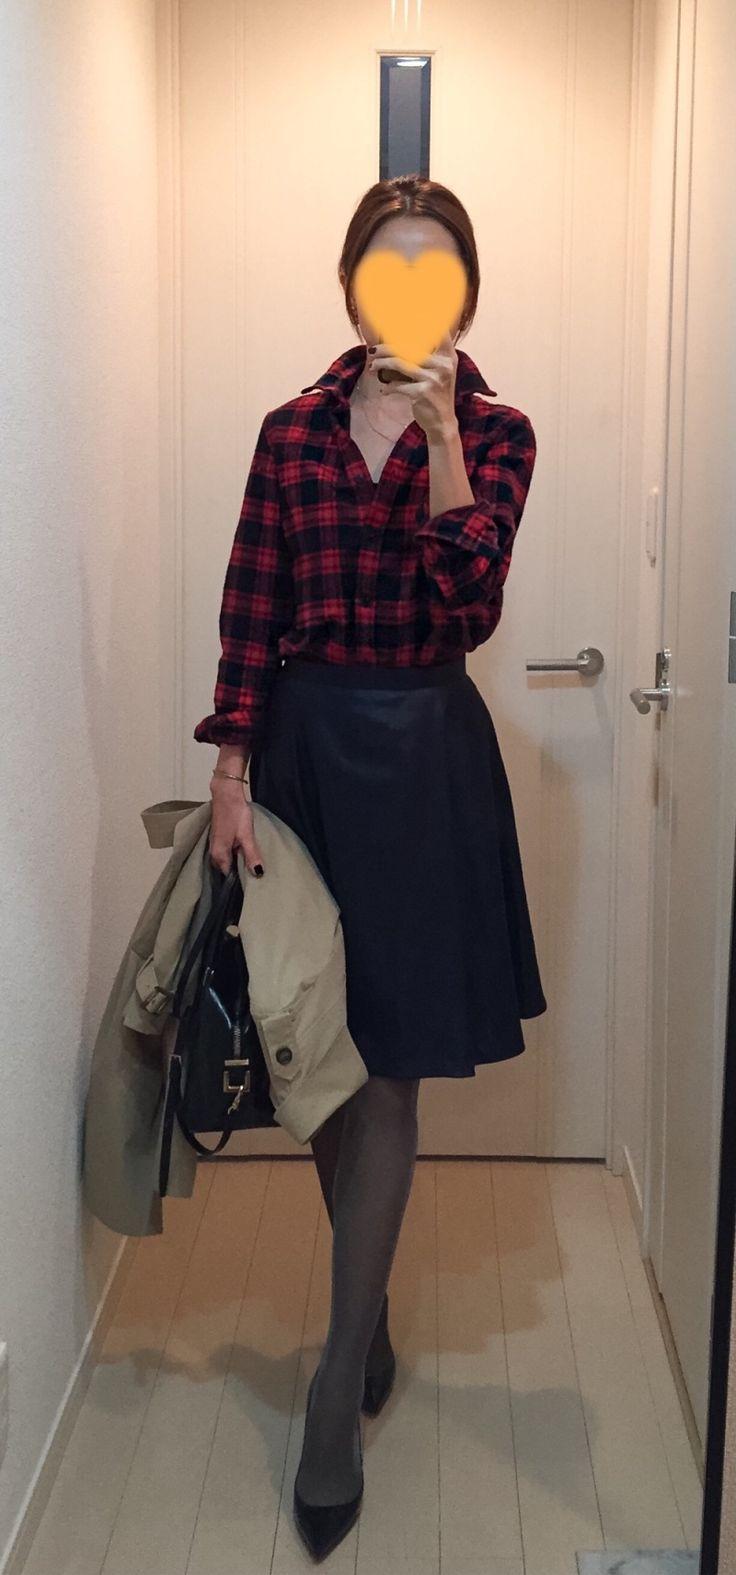 最近のストッキング事情   AIオフィシャルブログ 毎日がときめく「自分軸ファッション」の作り方 Powered by Ameba